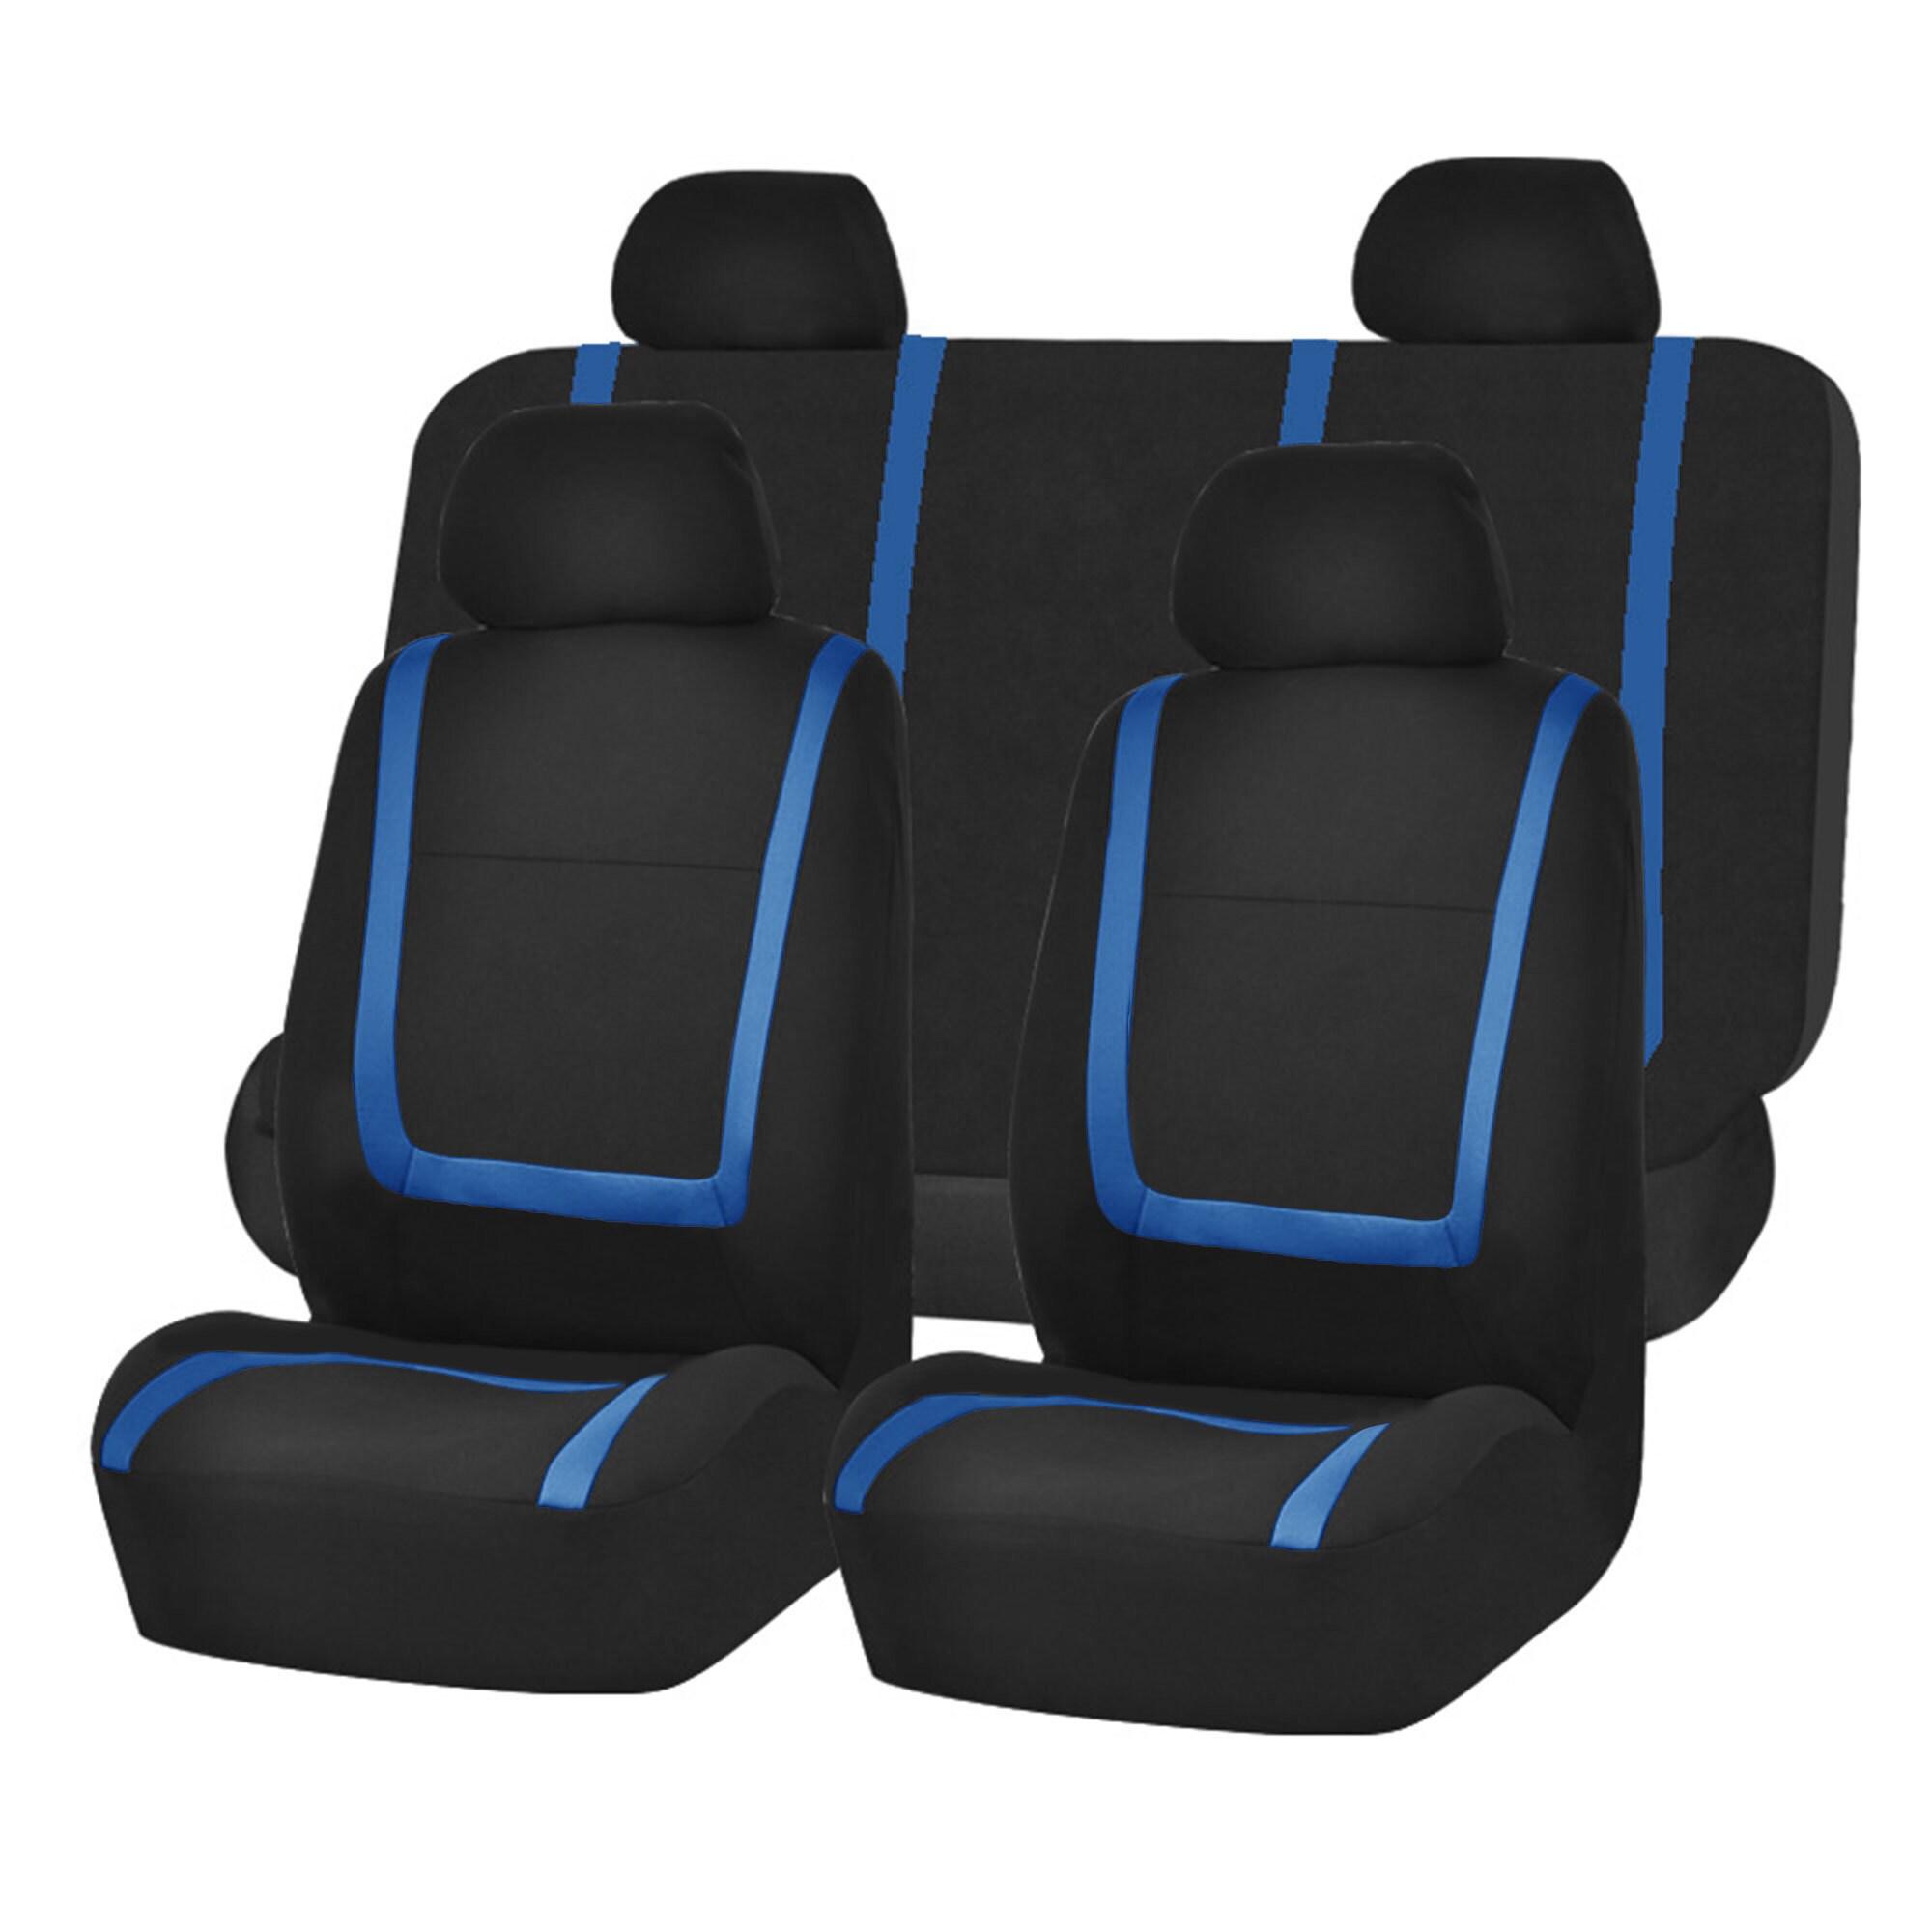 FH Group Blue Black Unique Flat Cloth Auto Seat Covers (F...